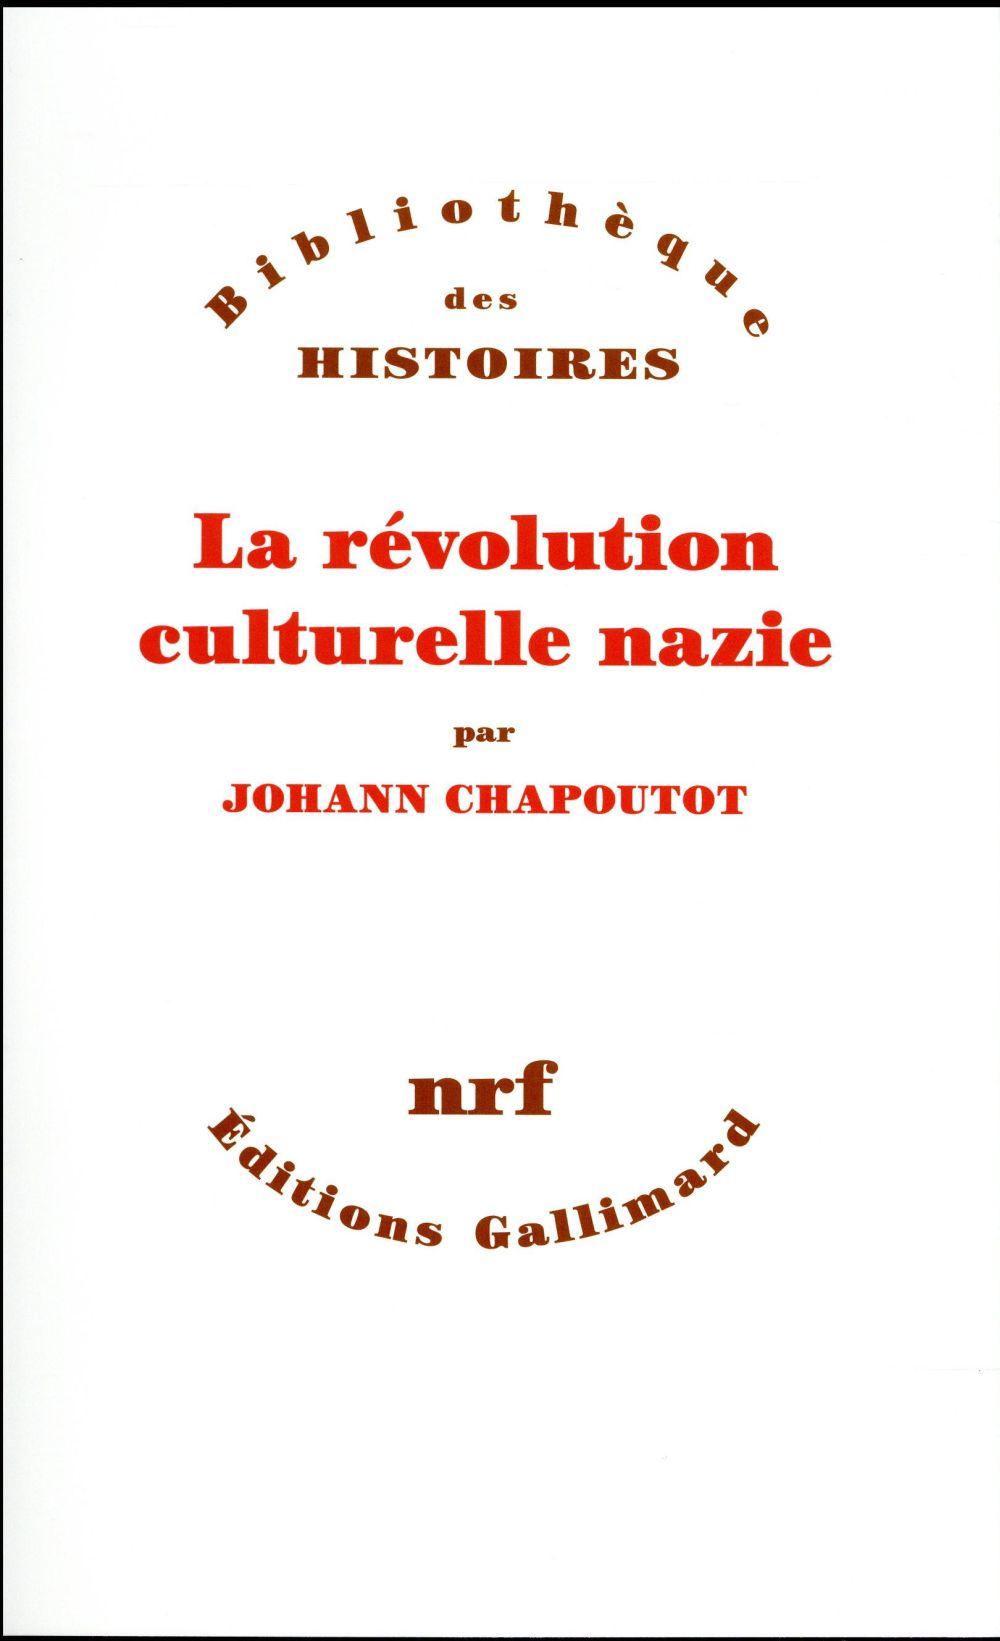 LA REVOLUTION CULTURELLE NAZIE